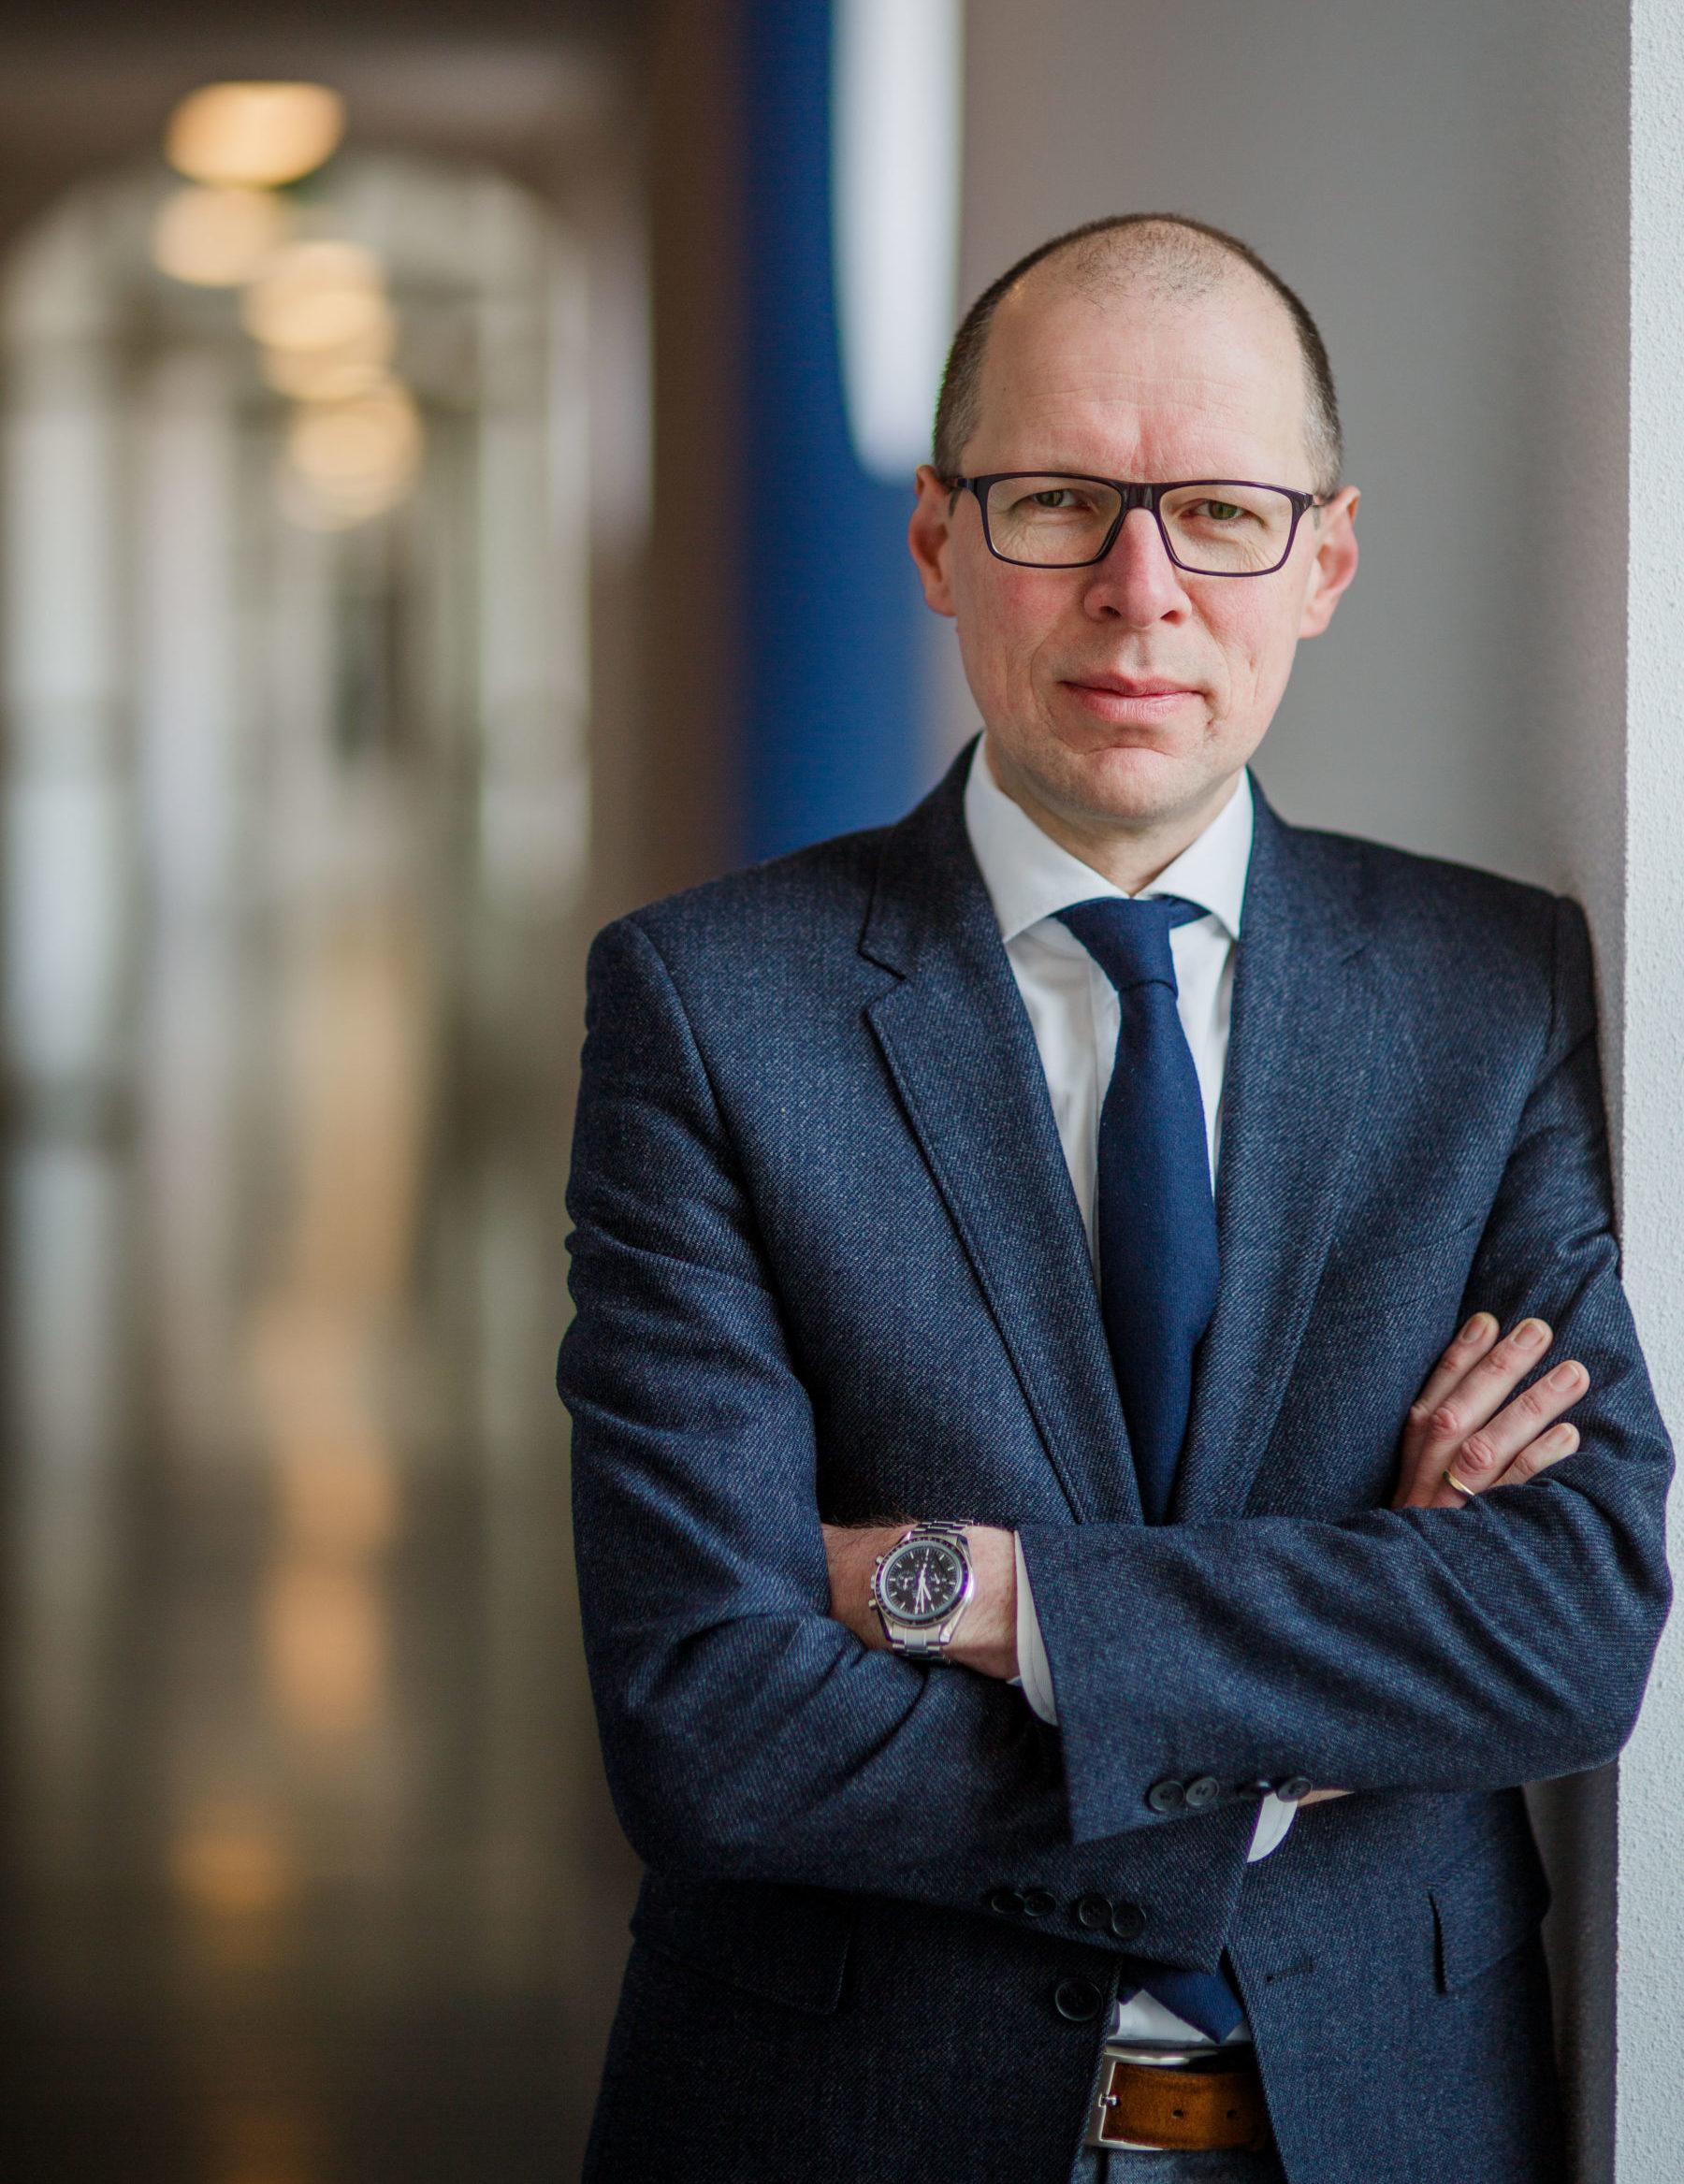 Daniël van der Beek